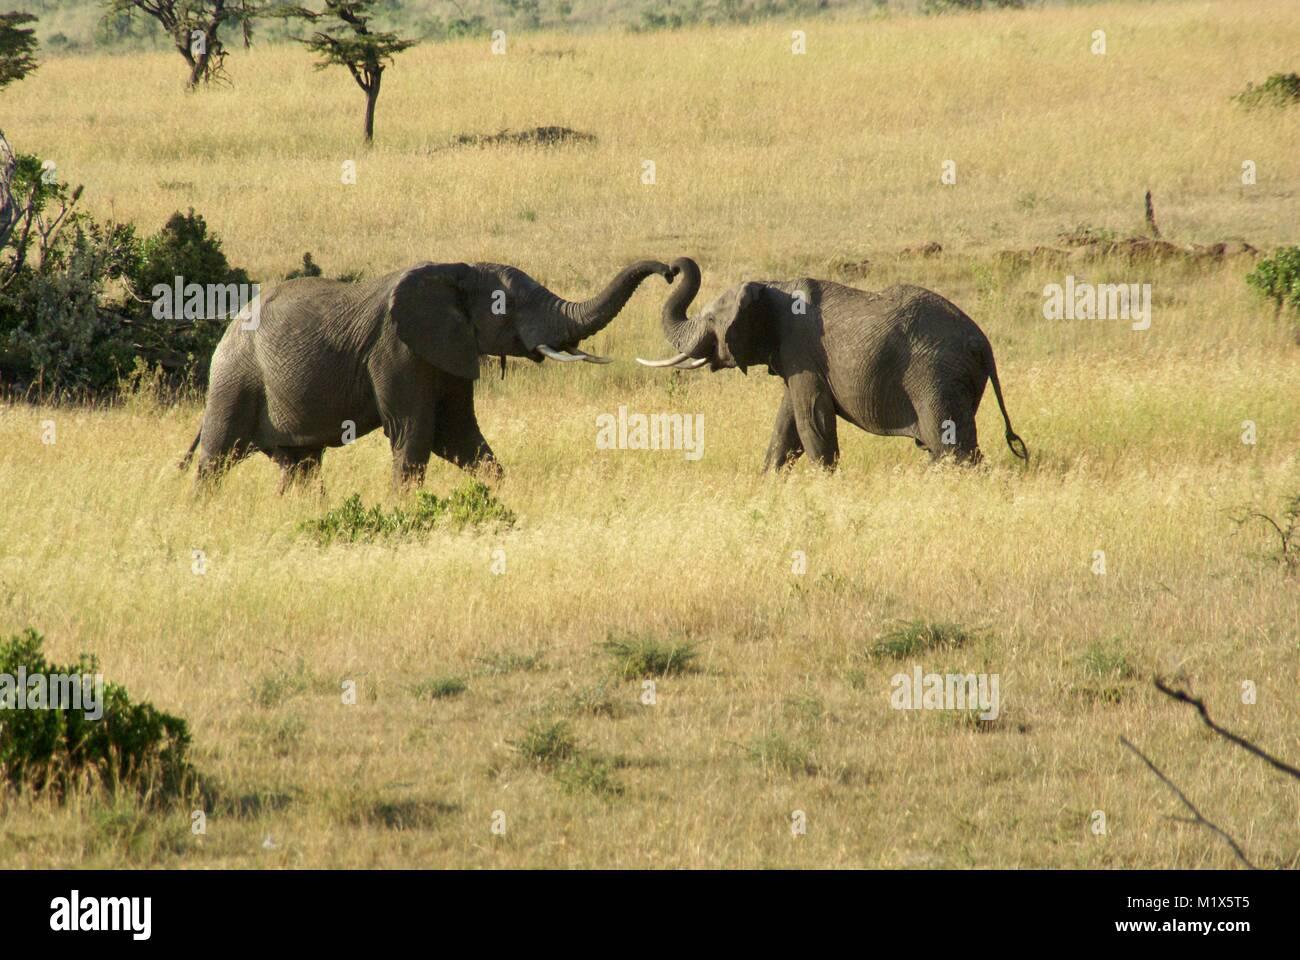 African elephant (Loxodonta africana) kenya safari wildlife nature - Stock Image